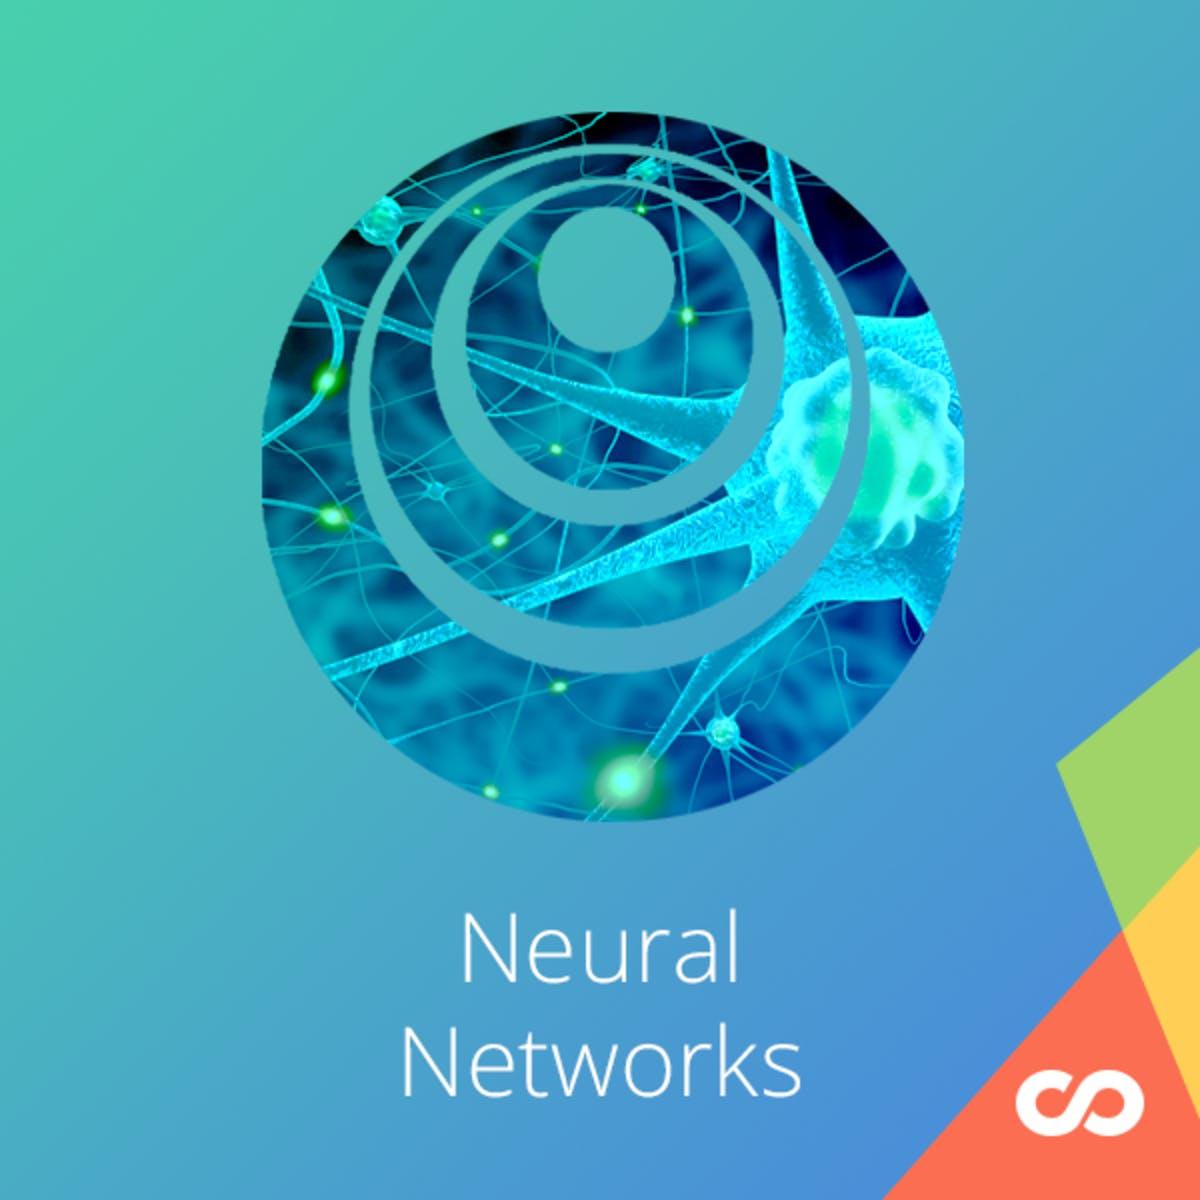 الشبكات العصبية والتعلم العميق